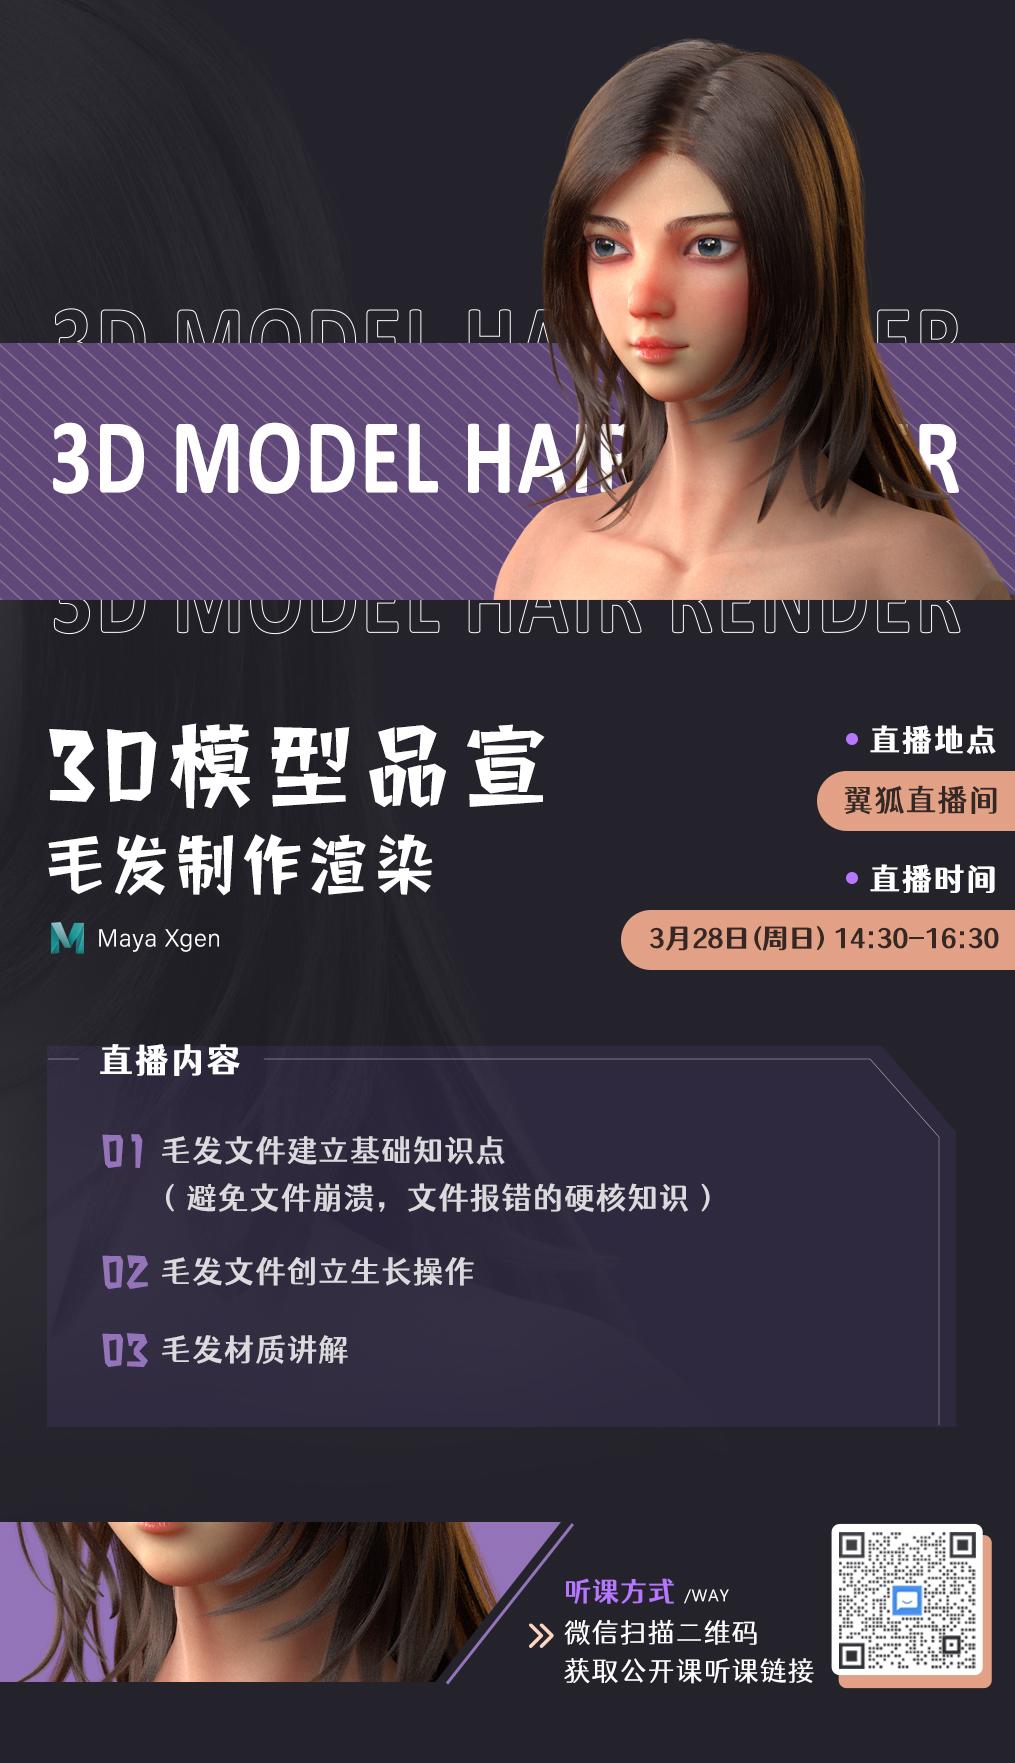 h5长图.jpg